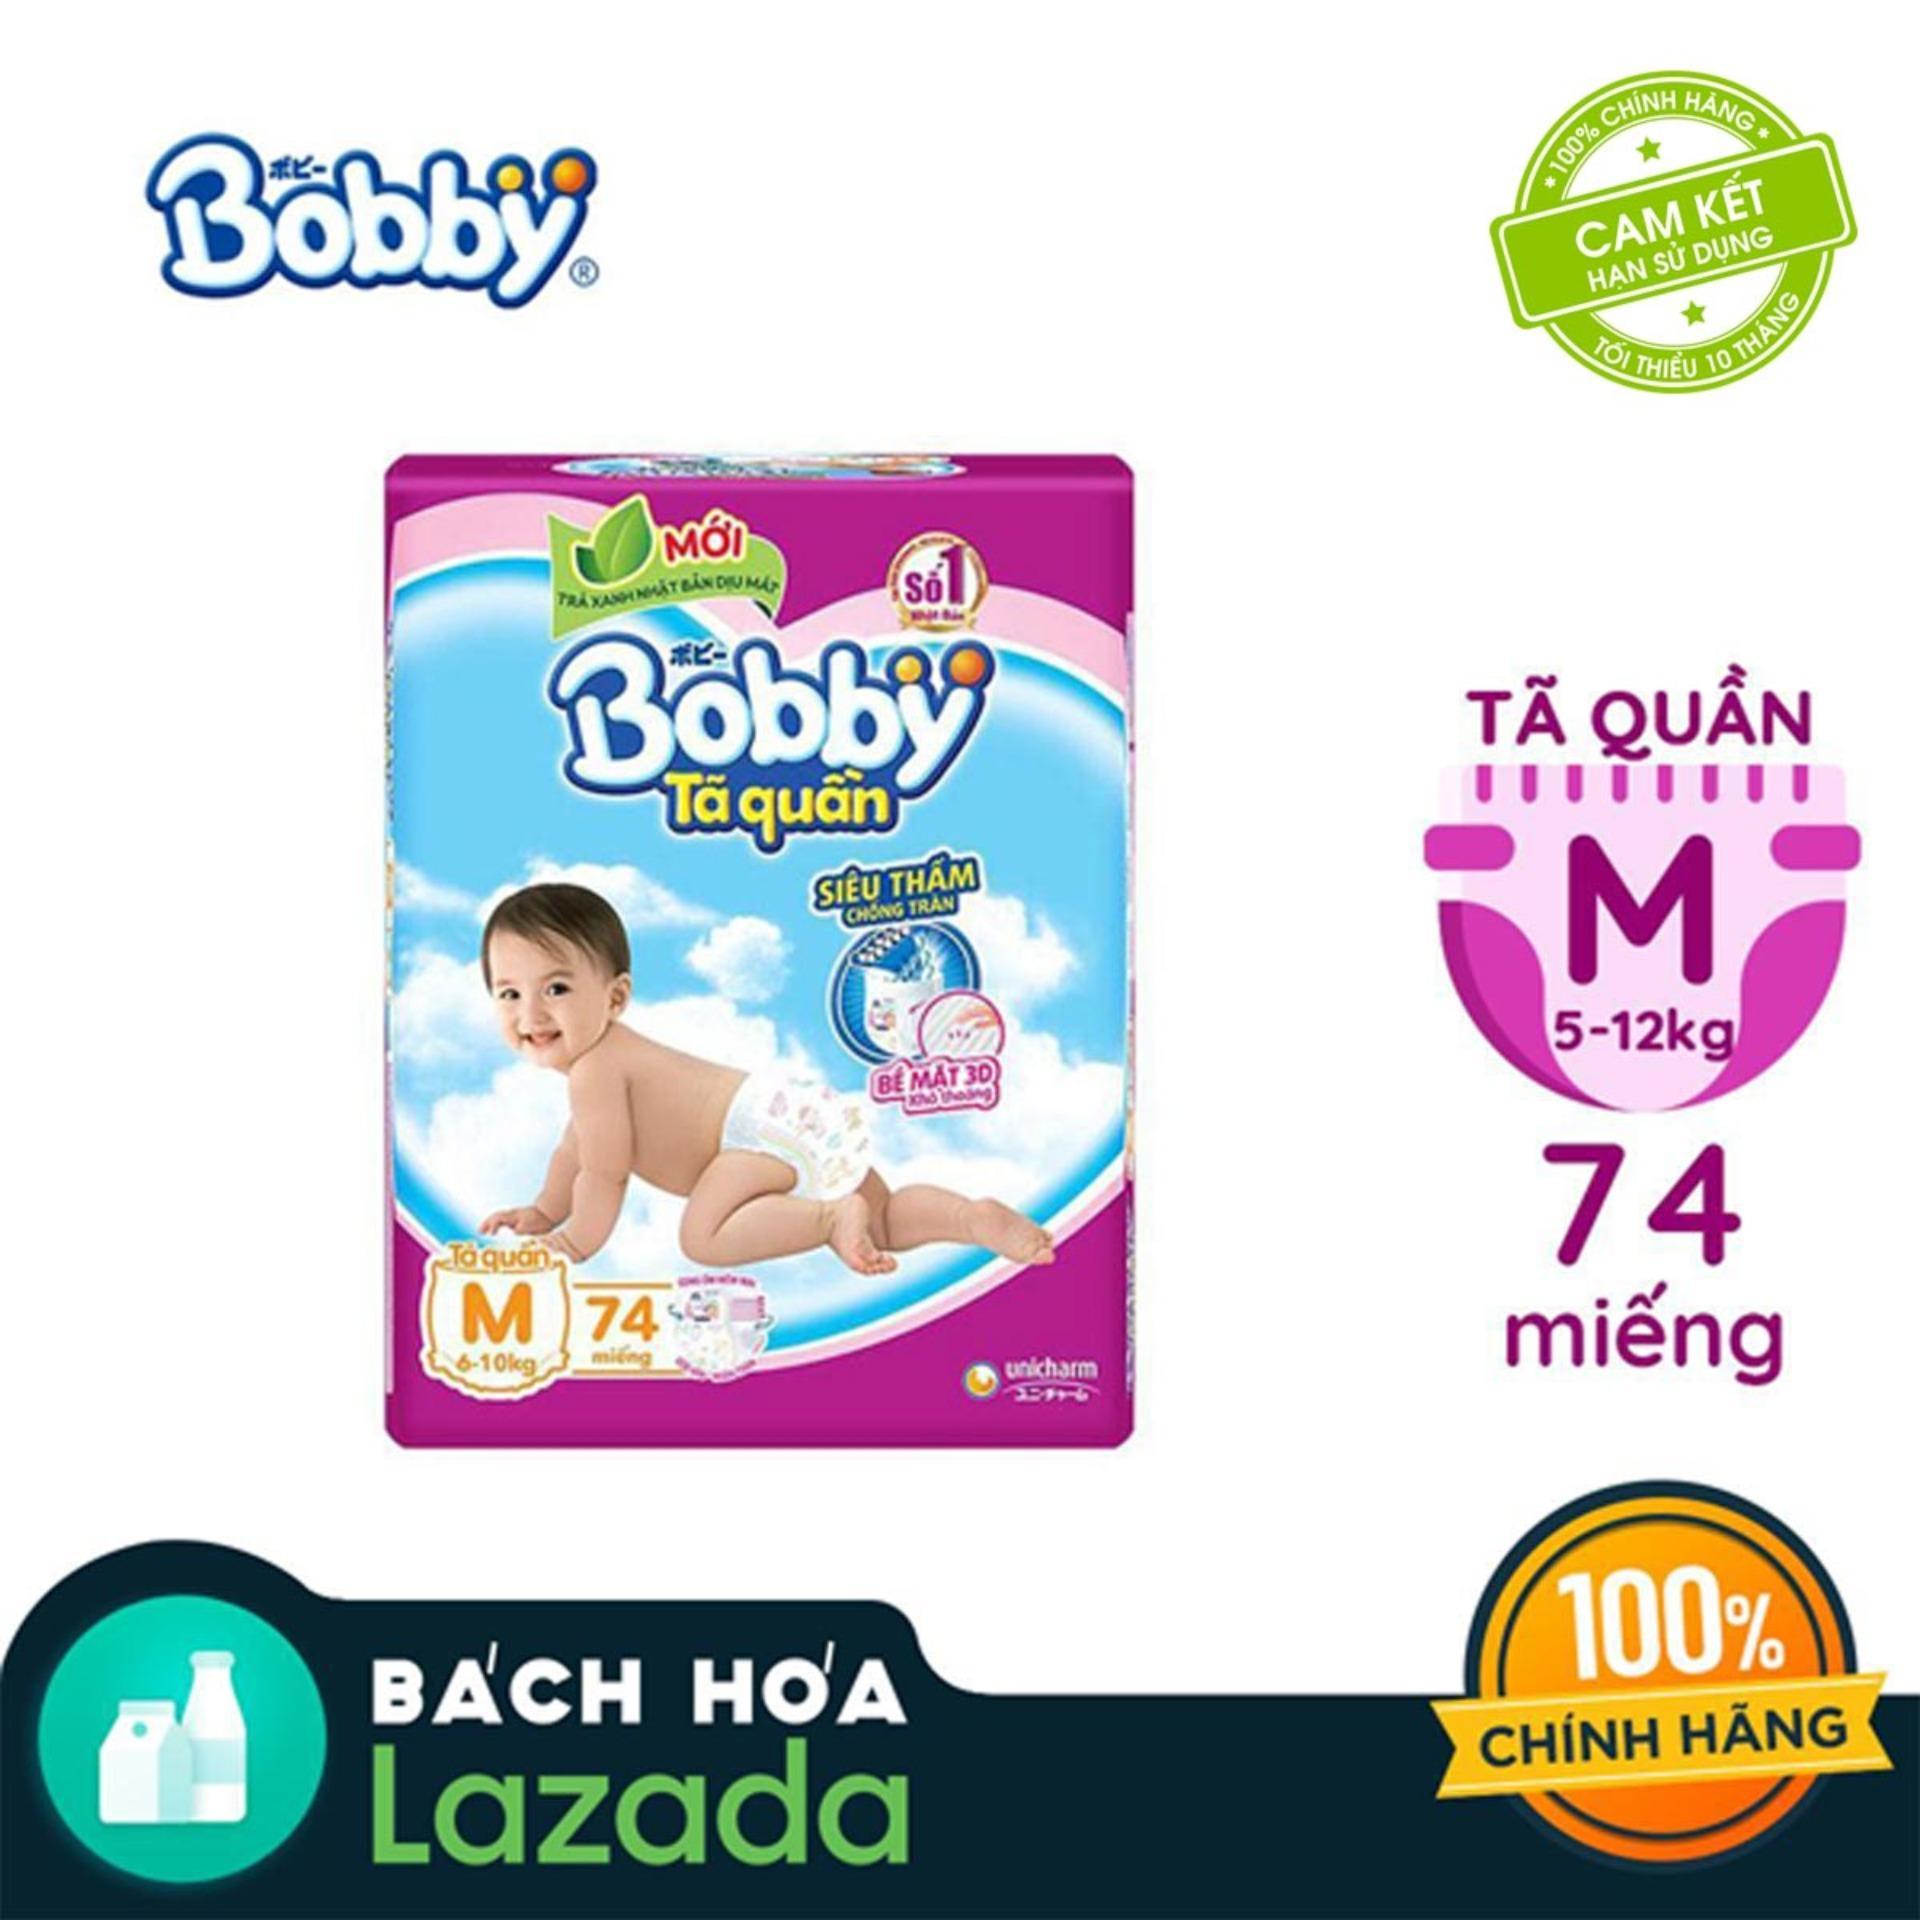 [Tiết Kiệm] Tã/Bỉm quần Bobby (hương trà xanh) gói siêu...